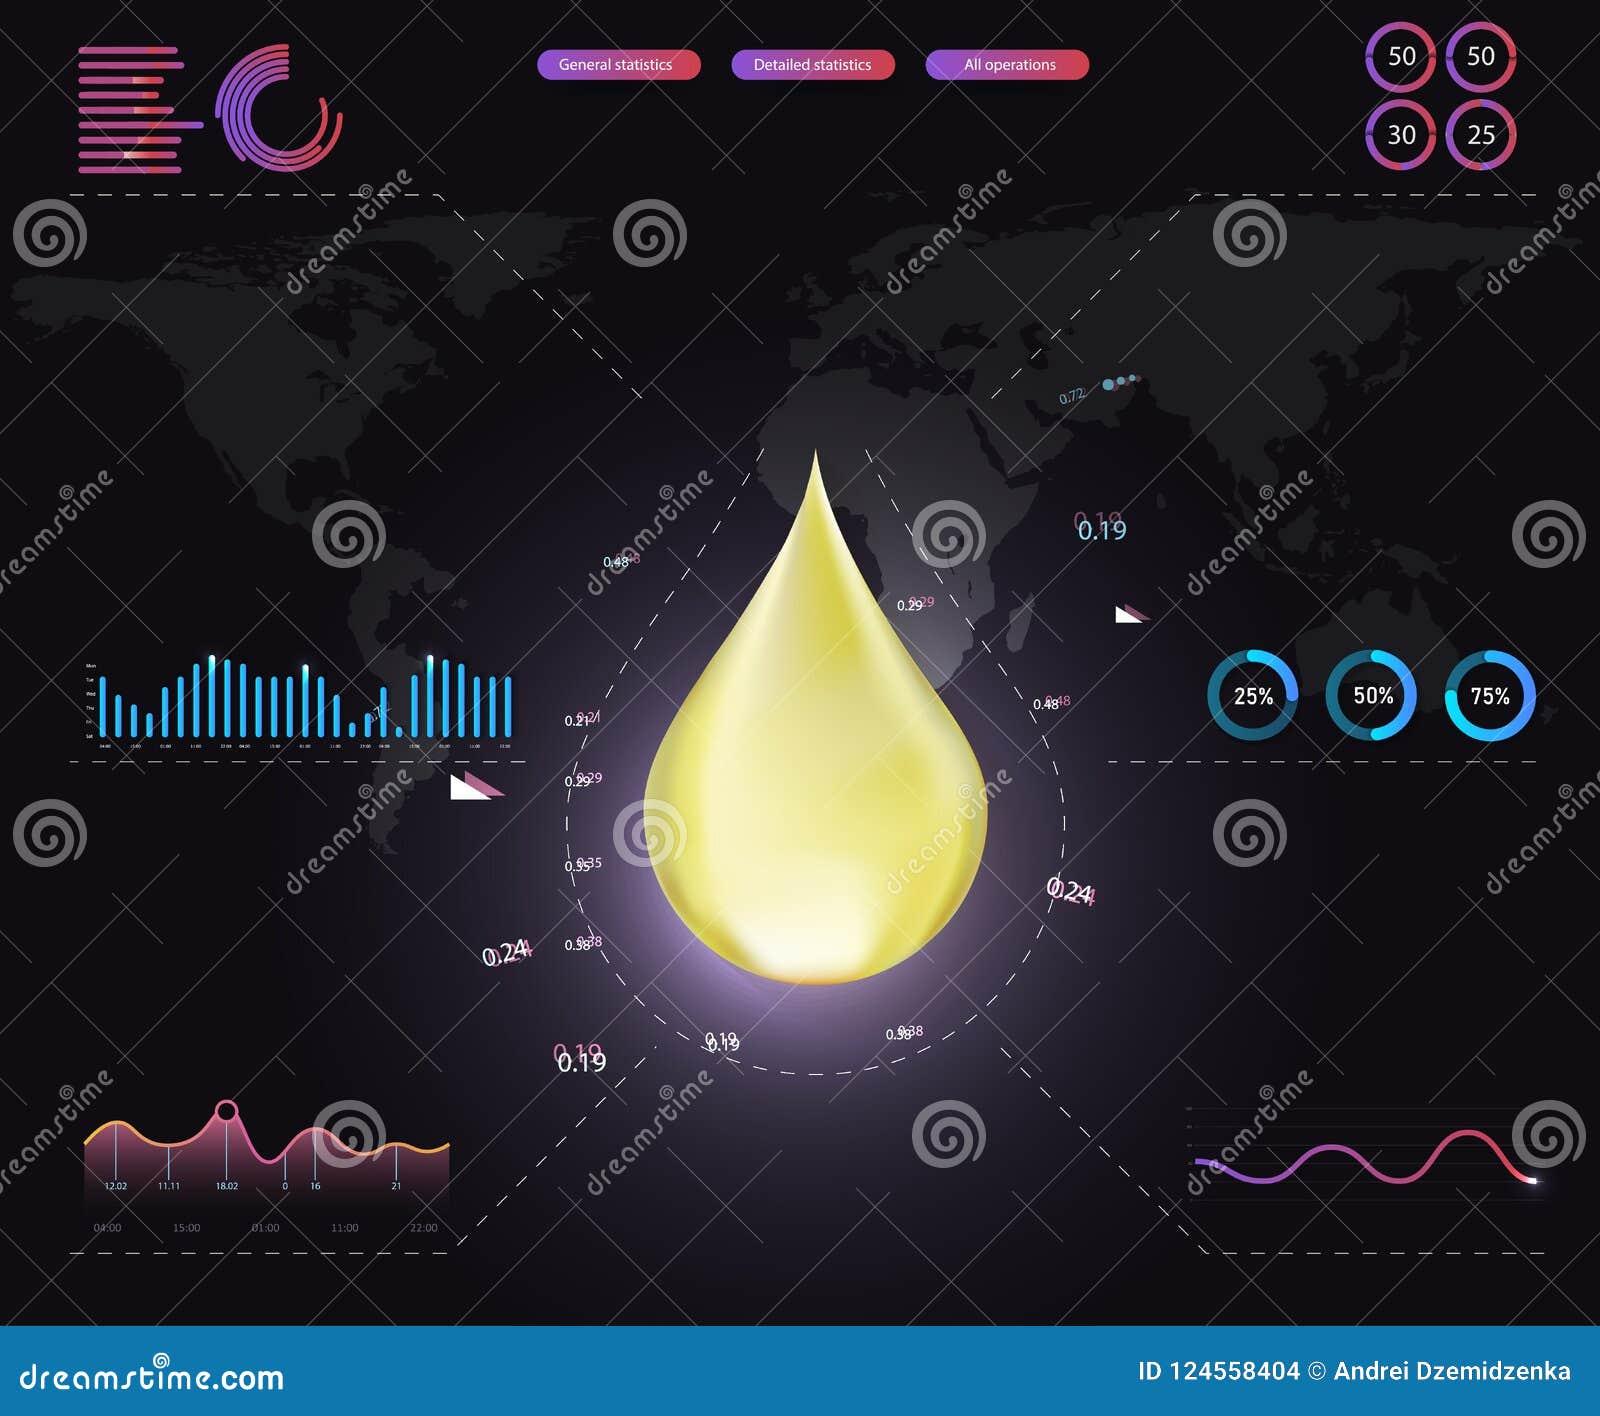 Oliedaling op een zwarte achtergrond, grafiek, statistiekenolie